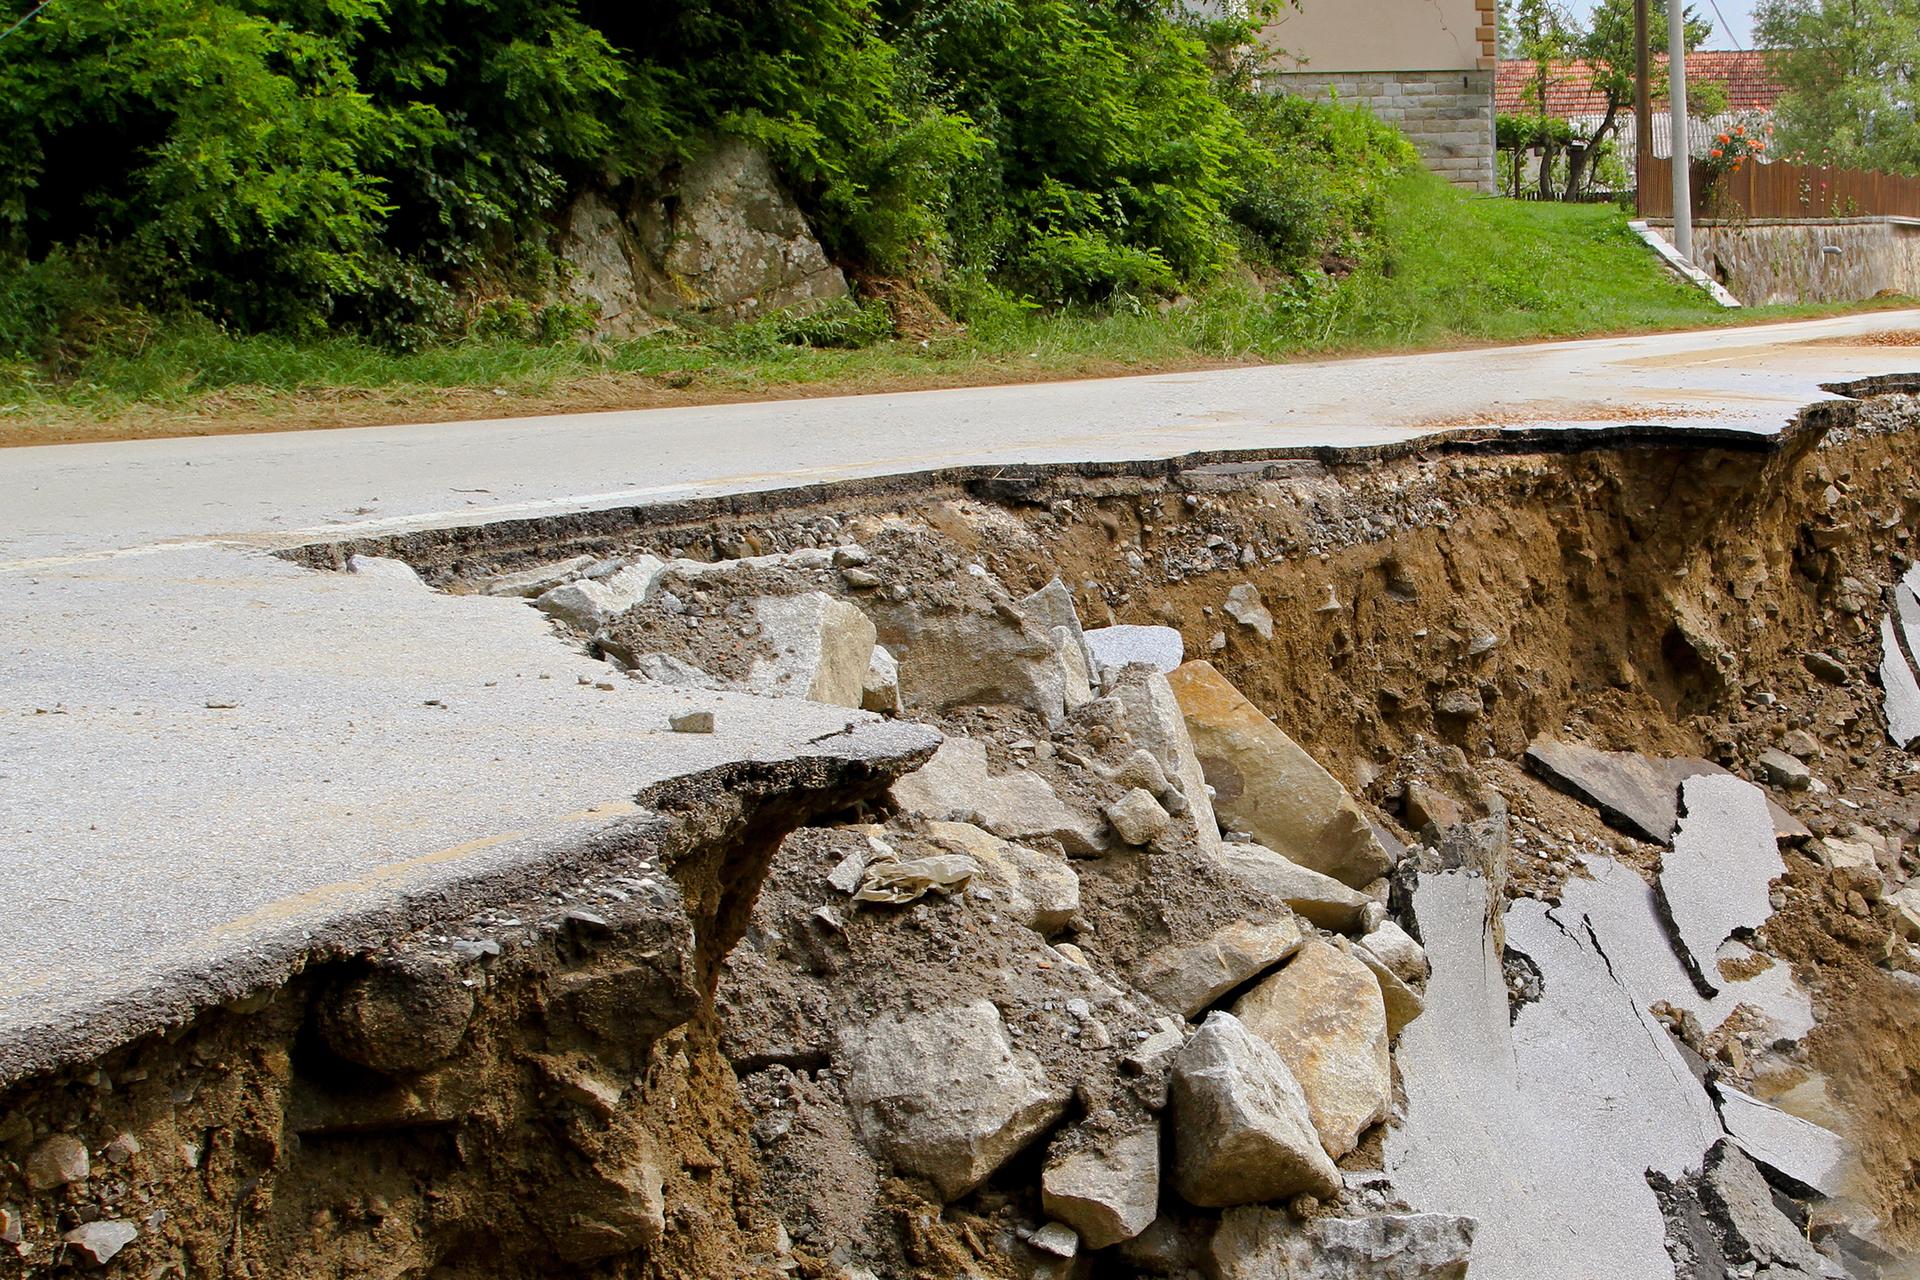 Fotografia prezentuje osuwisko na jezdni. Widoczne oderwane kawałki asfaltu leżące na zapadłym zboczu.